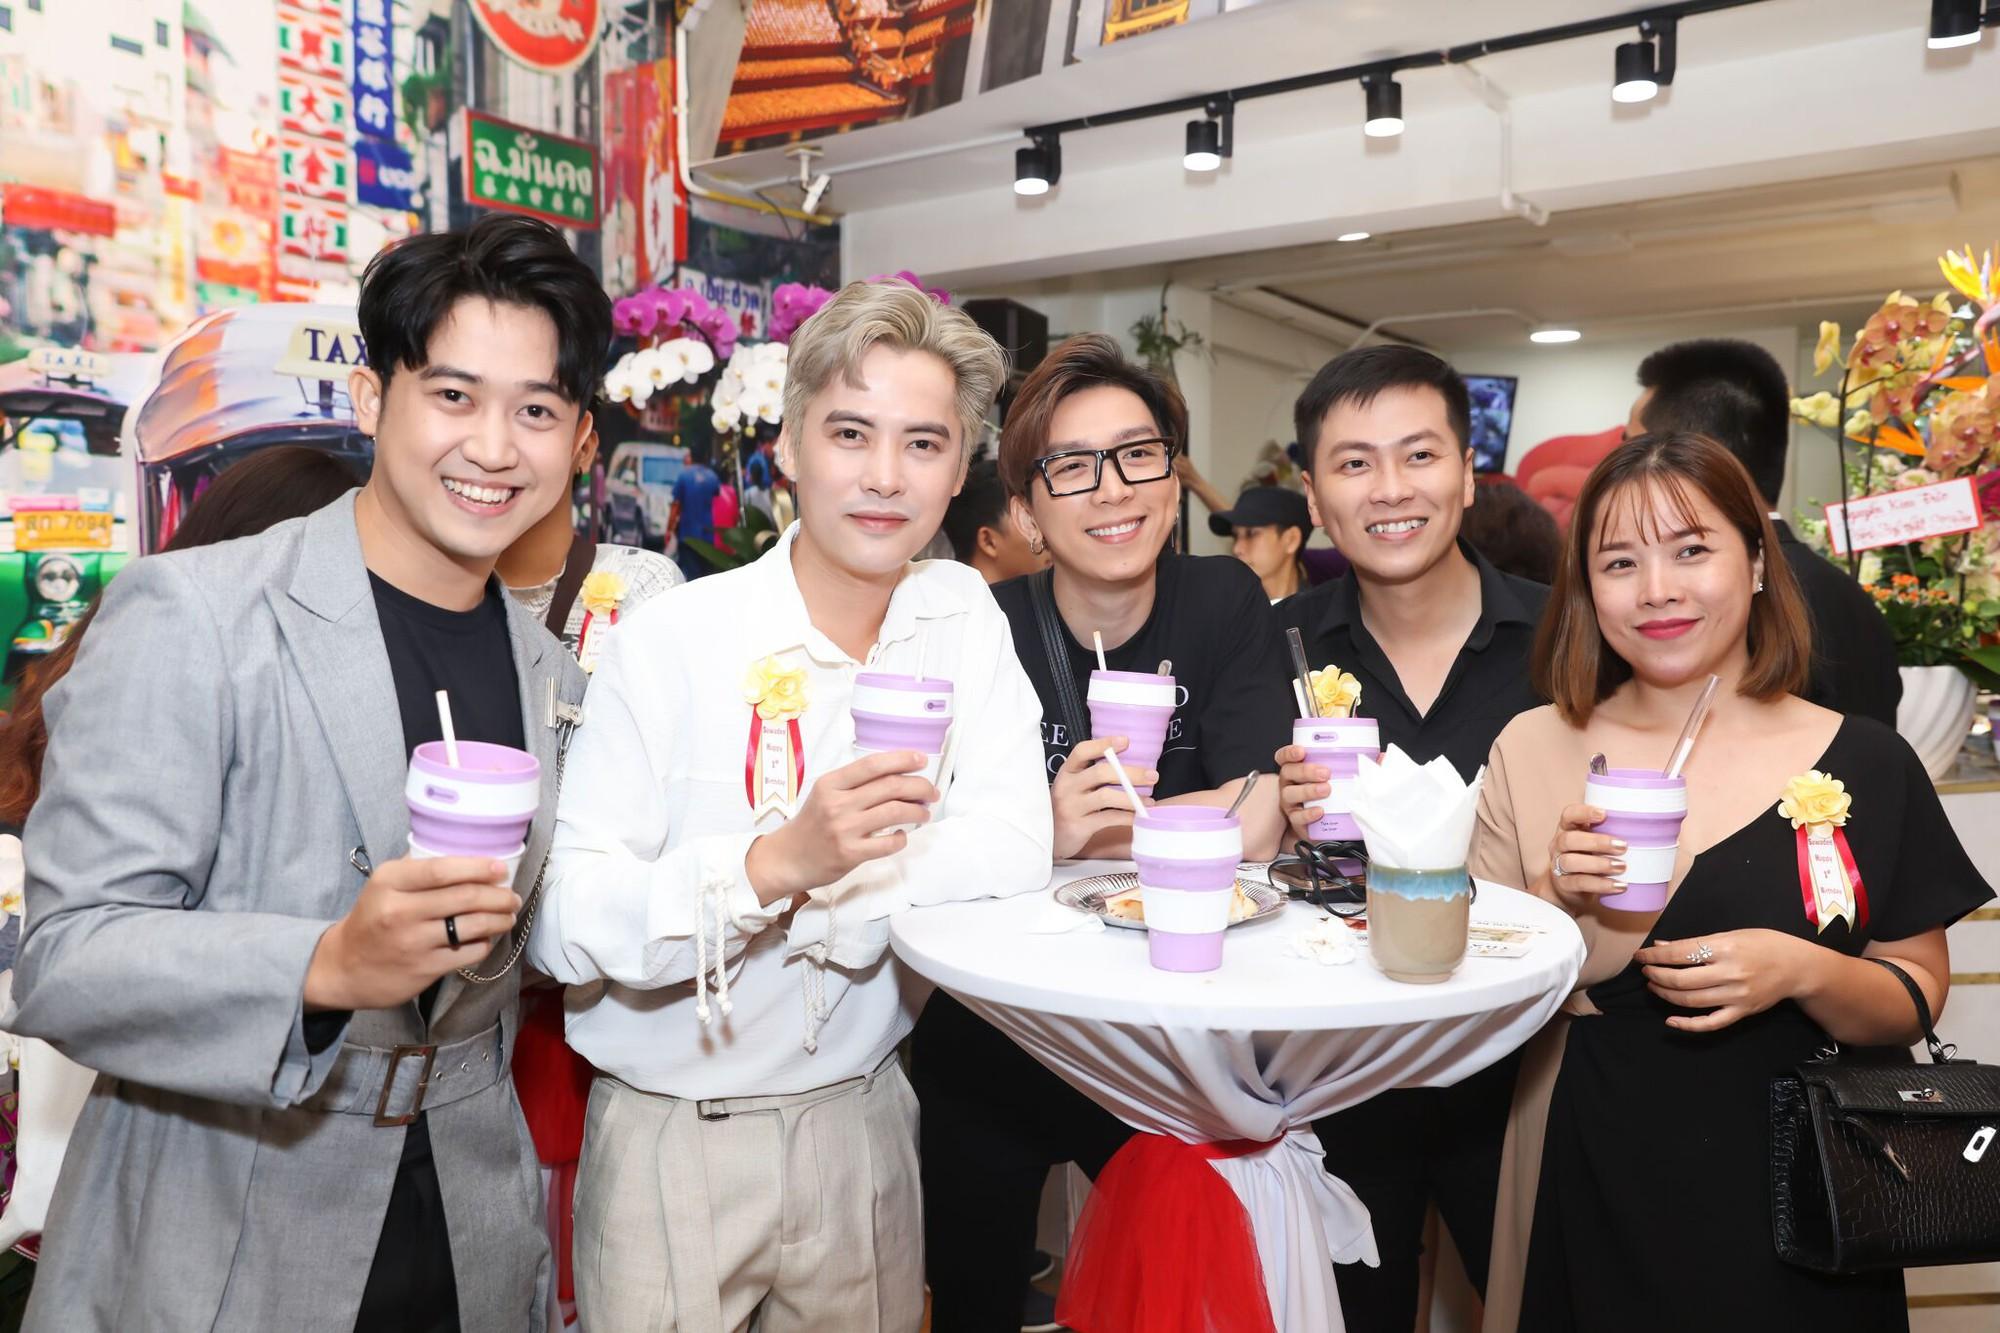 Trà sữa chuẩn vị Thái Lan lần đầu chào sân Sài thành - Ảnh 4.